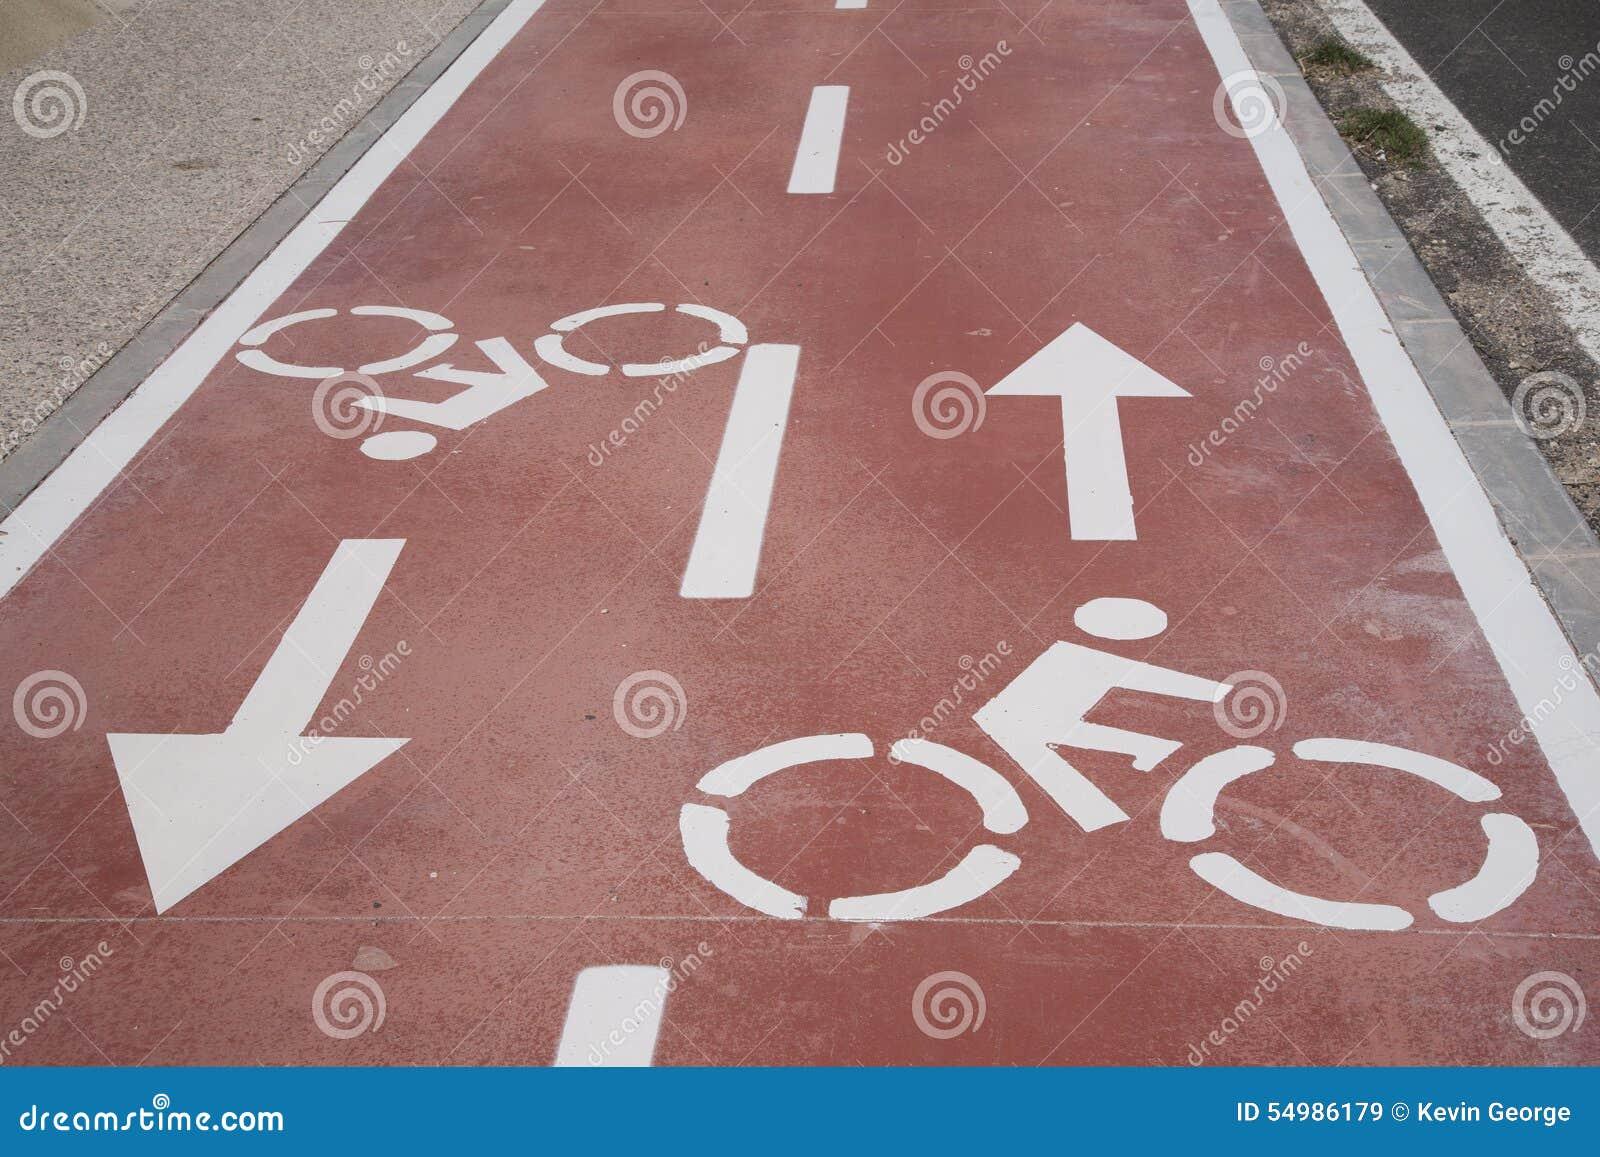 Cykelsymbol på cykelgränd